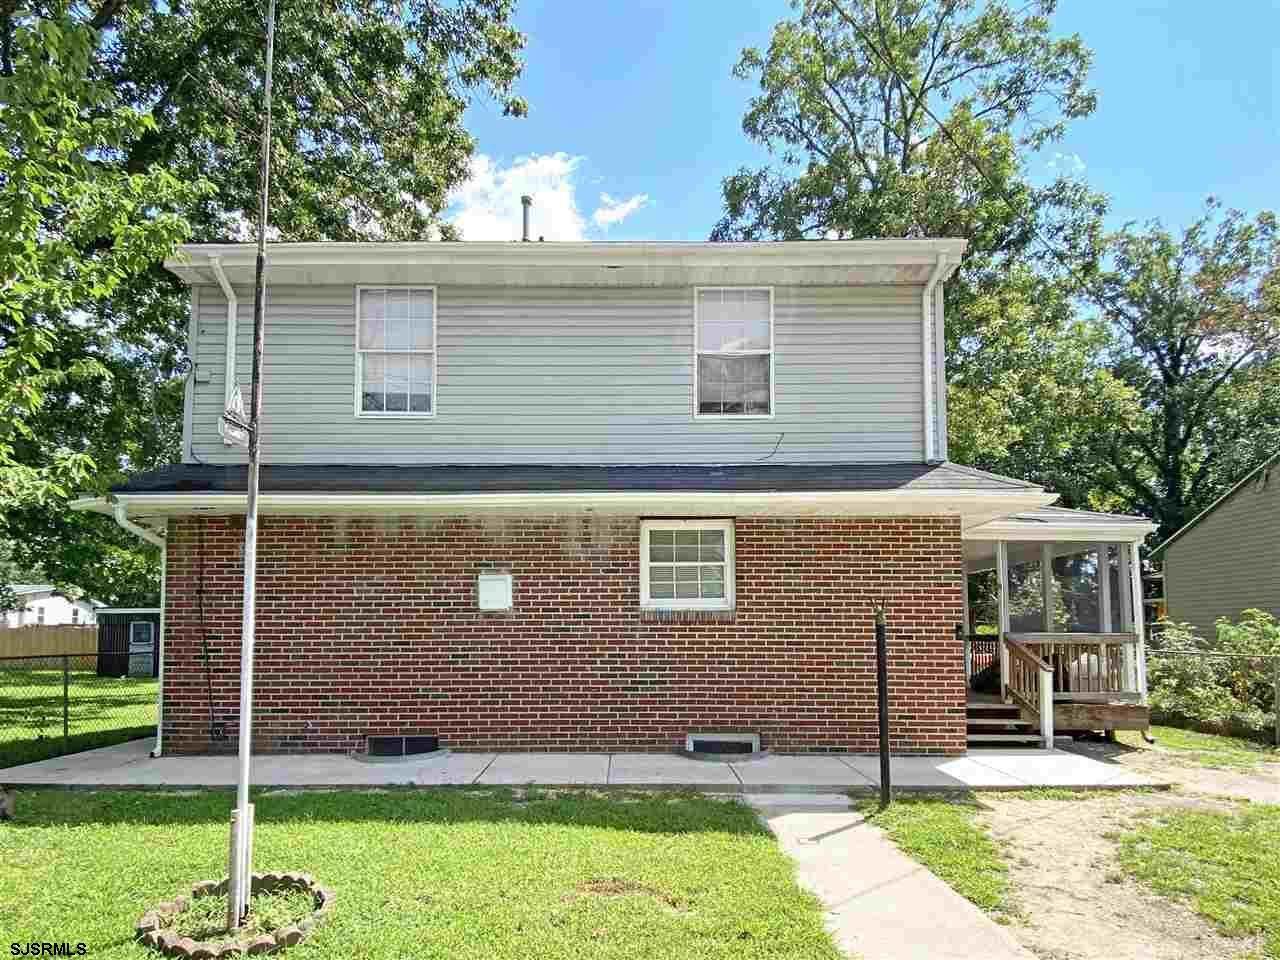 310 Fenton, Egg Harbor, NJ 08234 - #: 554000